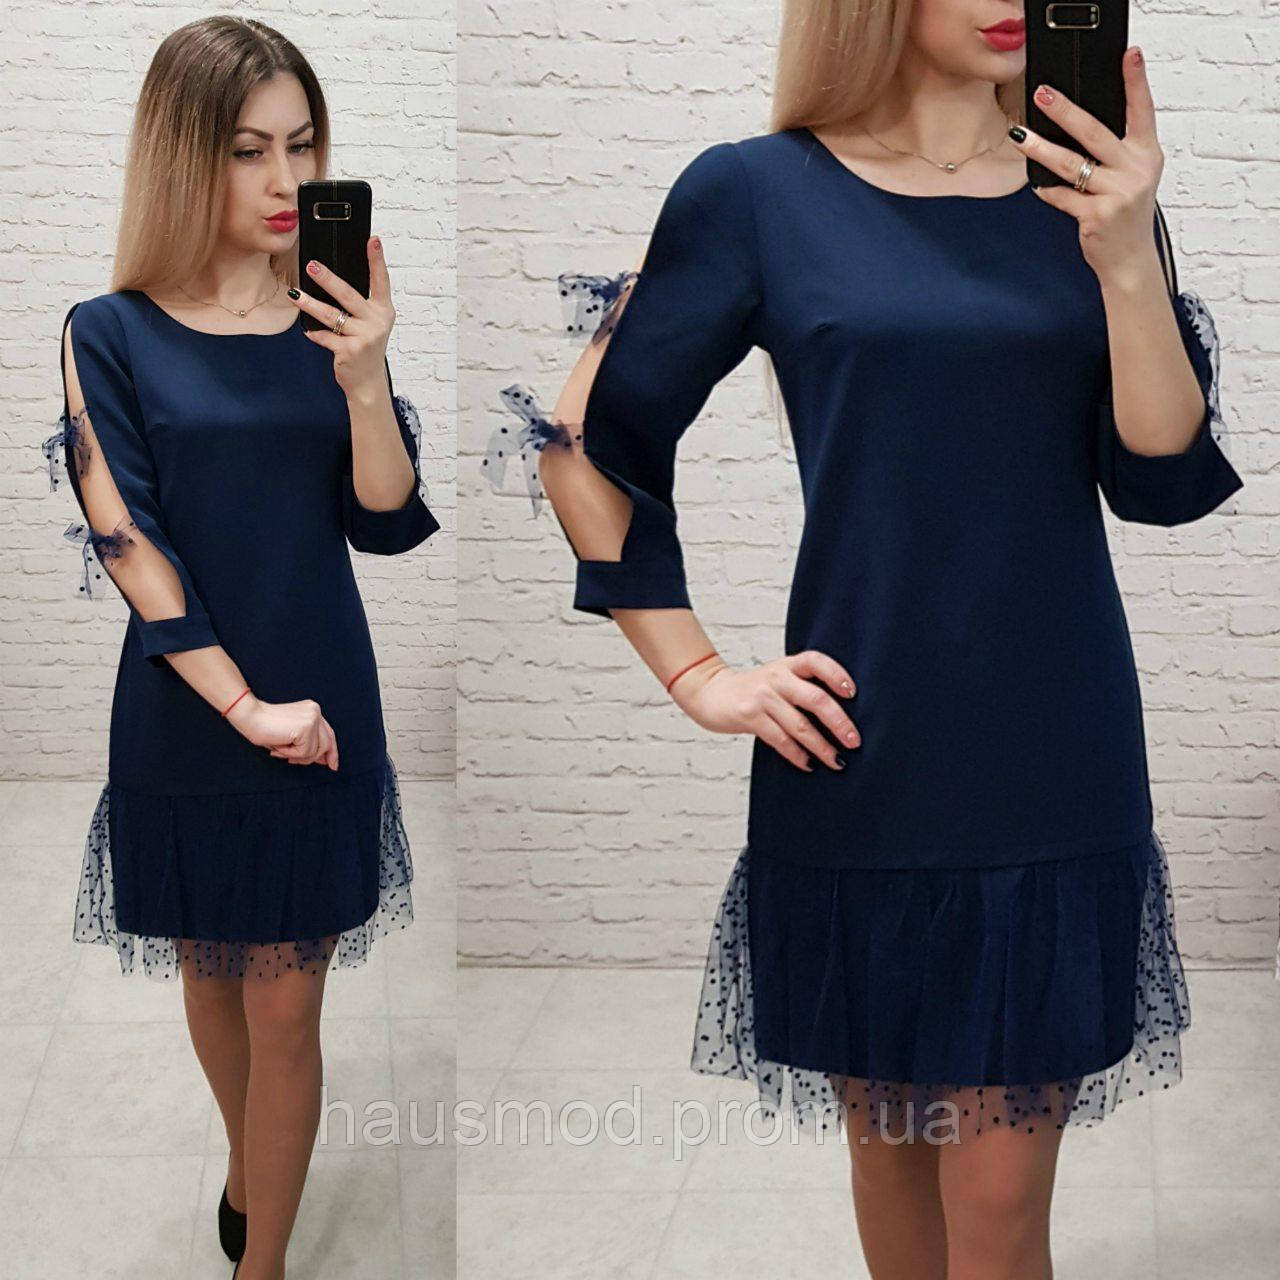 Женское платье фатин бант креп костюмка фатин цвет темно-синий